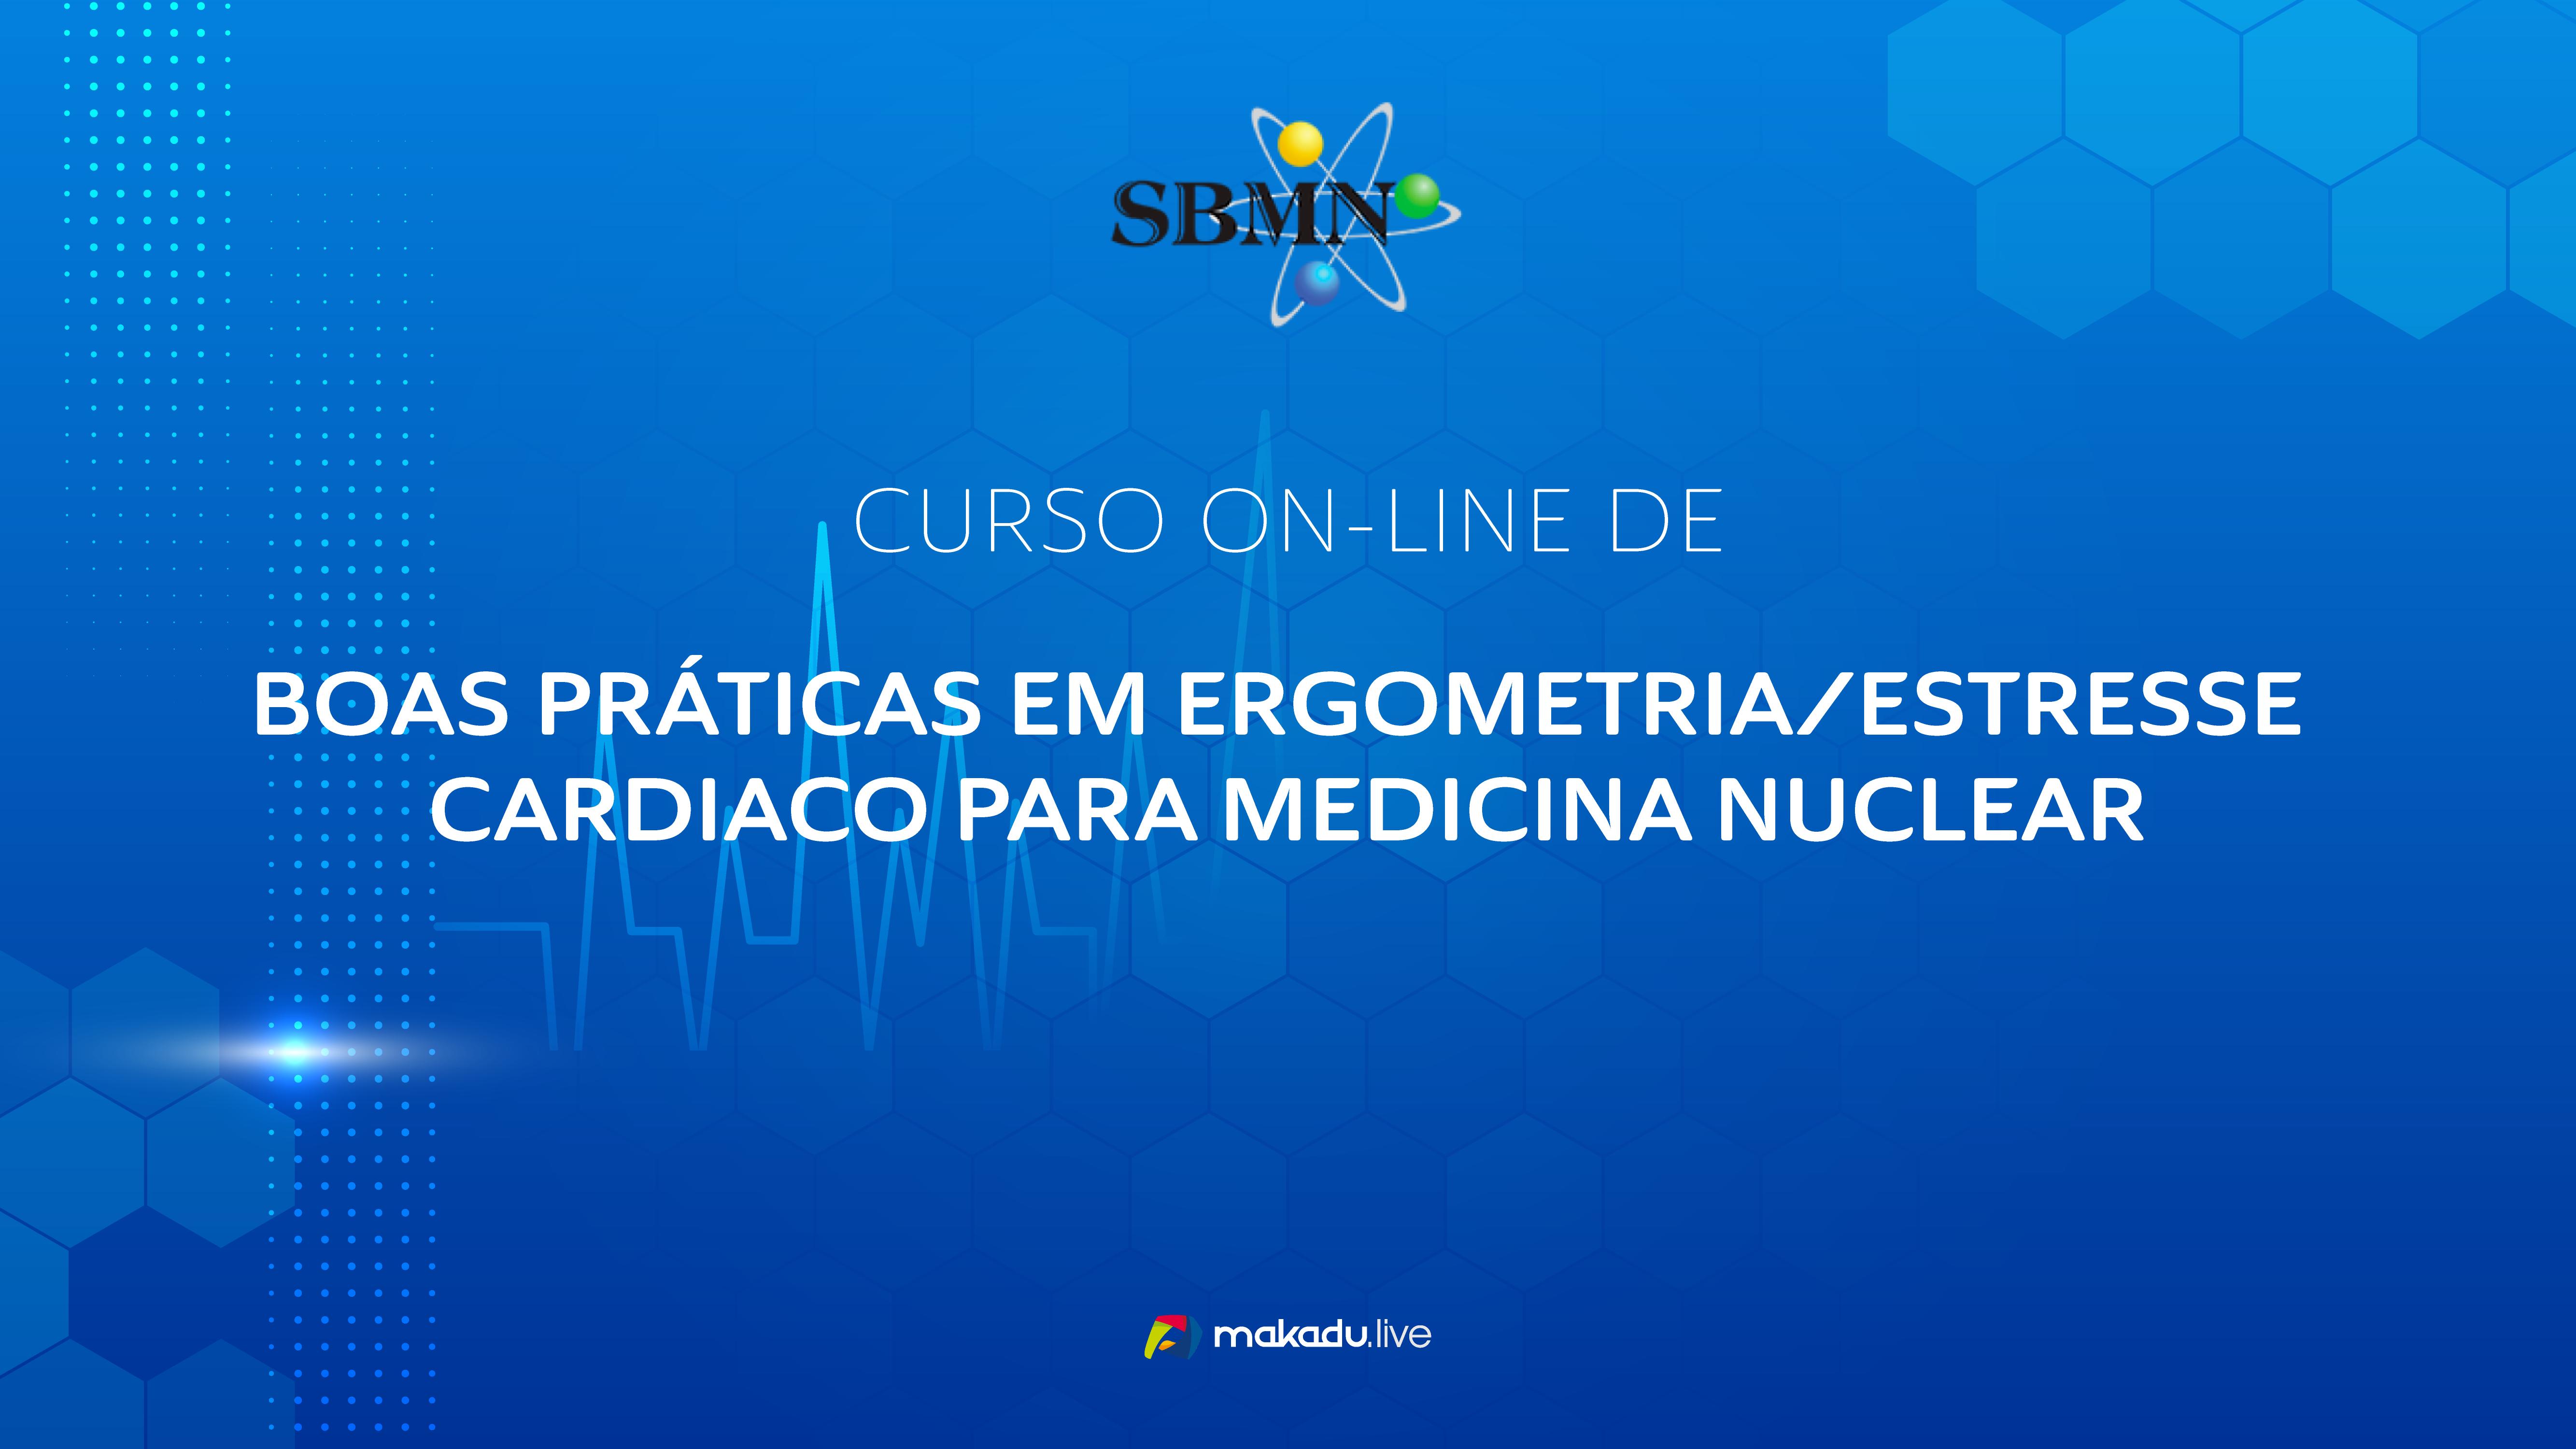 Curso de Boas Práticas em Ergometria/Estresse Cardíaco para Medicina Nuclear